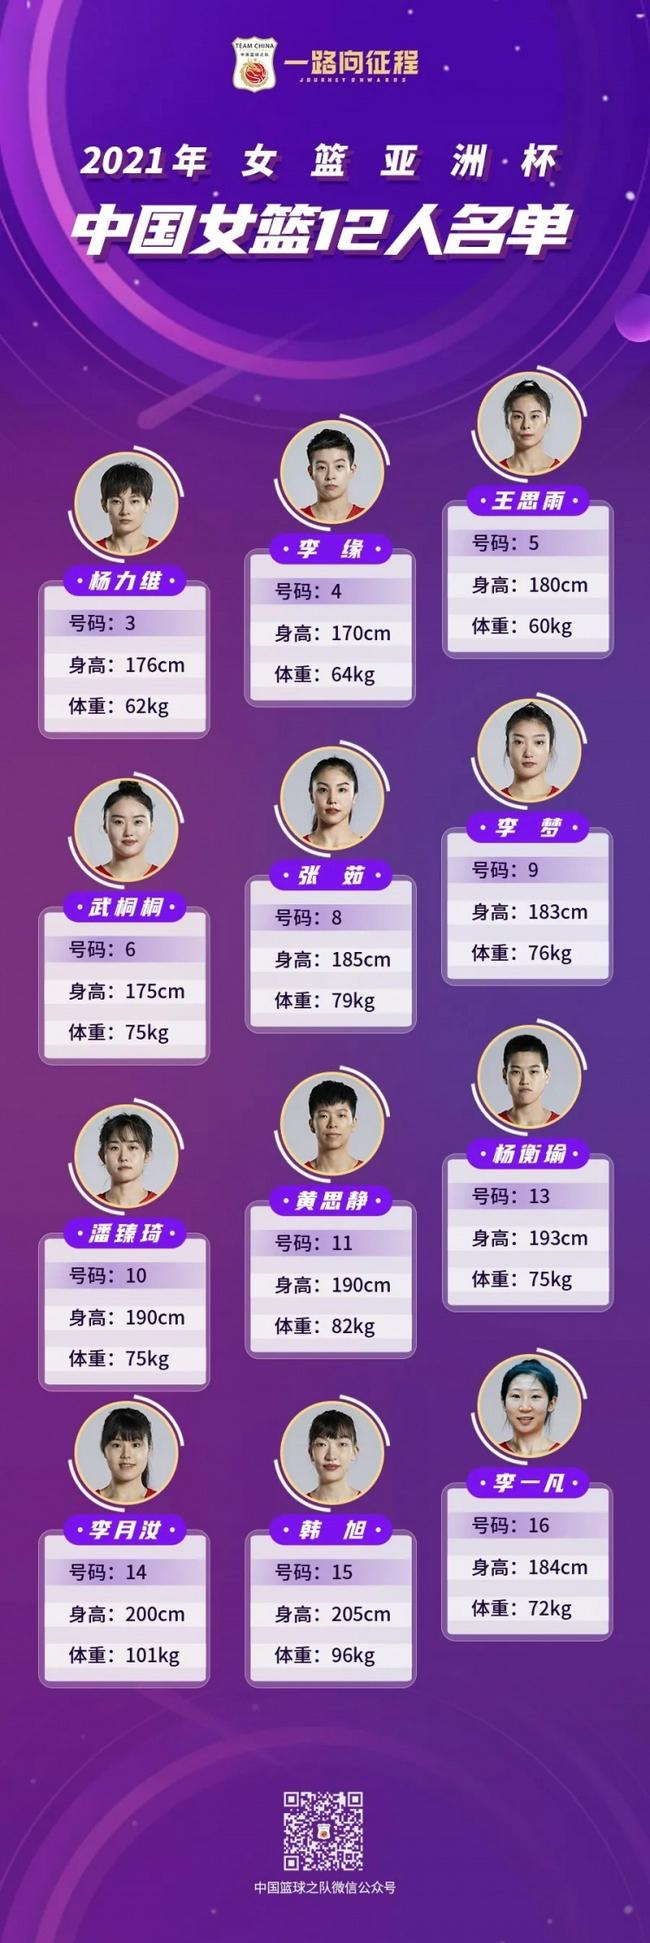 中国女篮亚洲杯12人大名单:李梦、李月汝在列